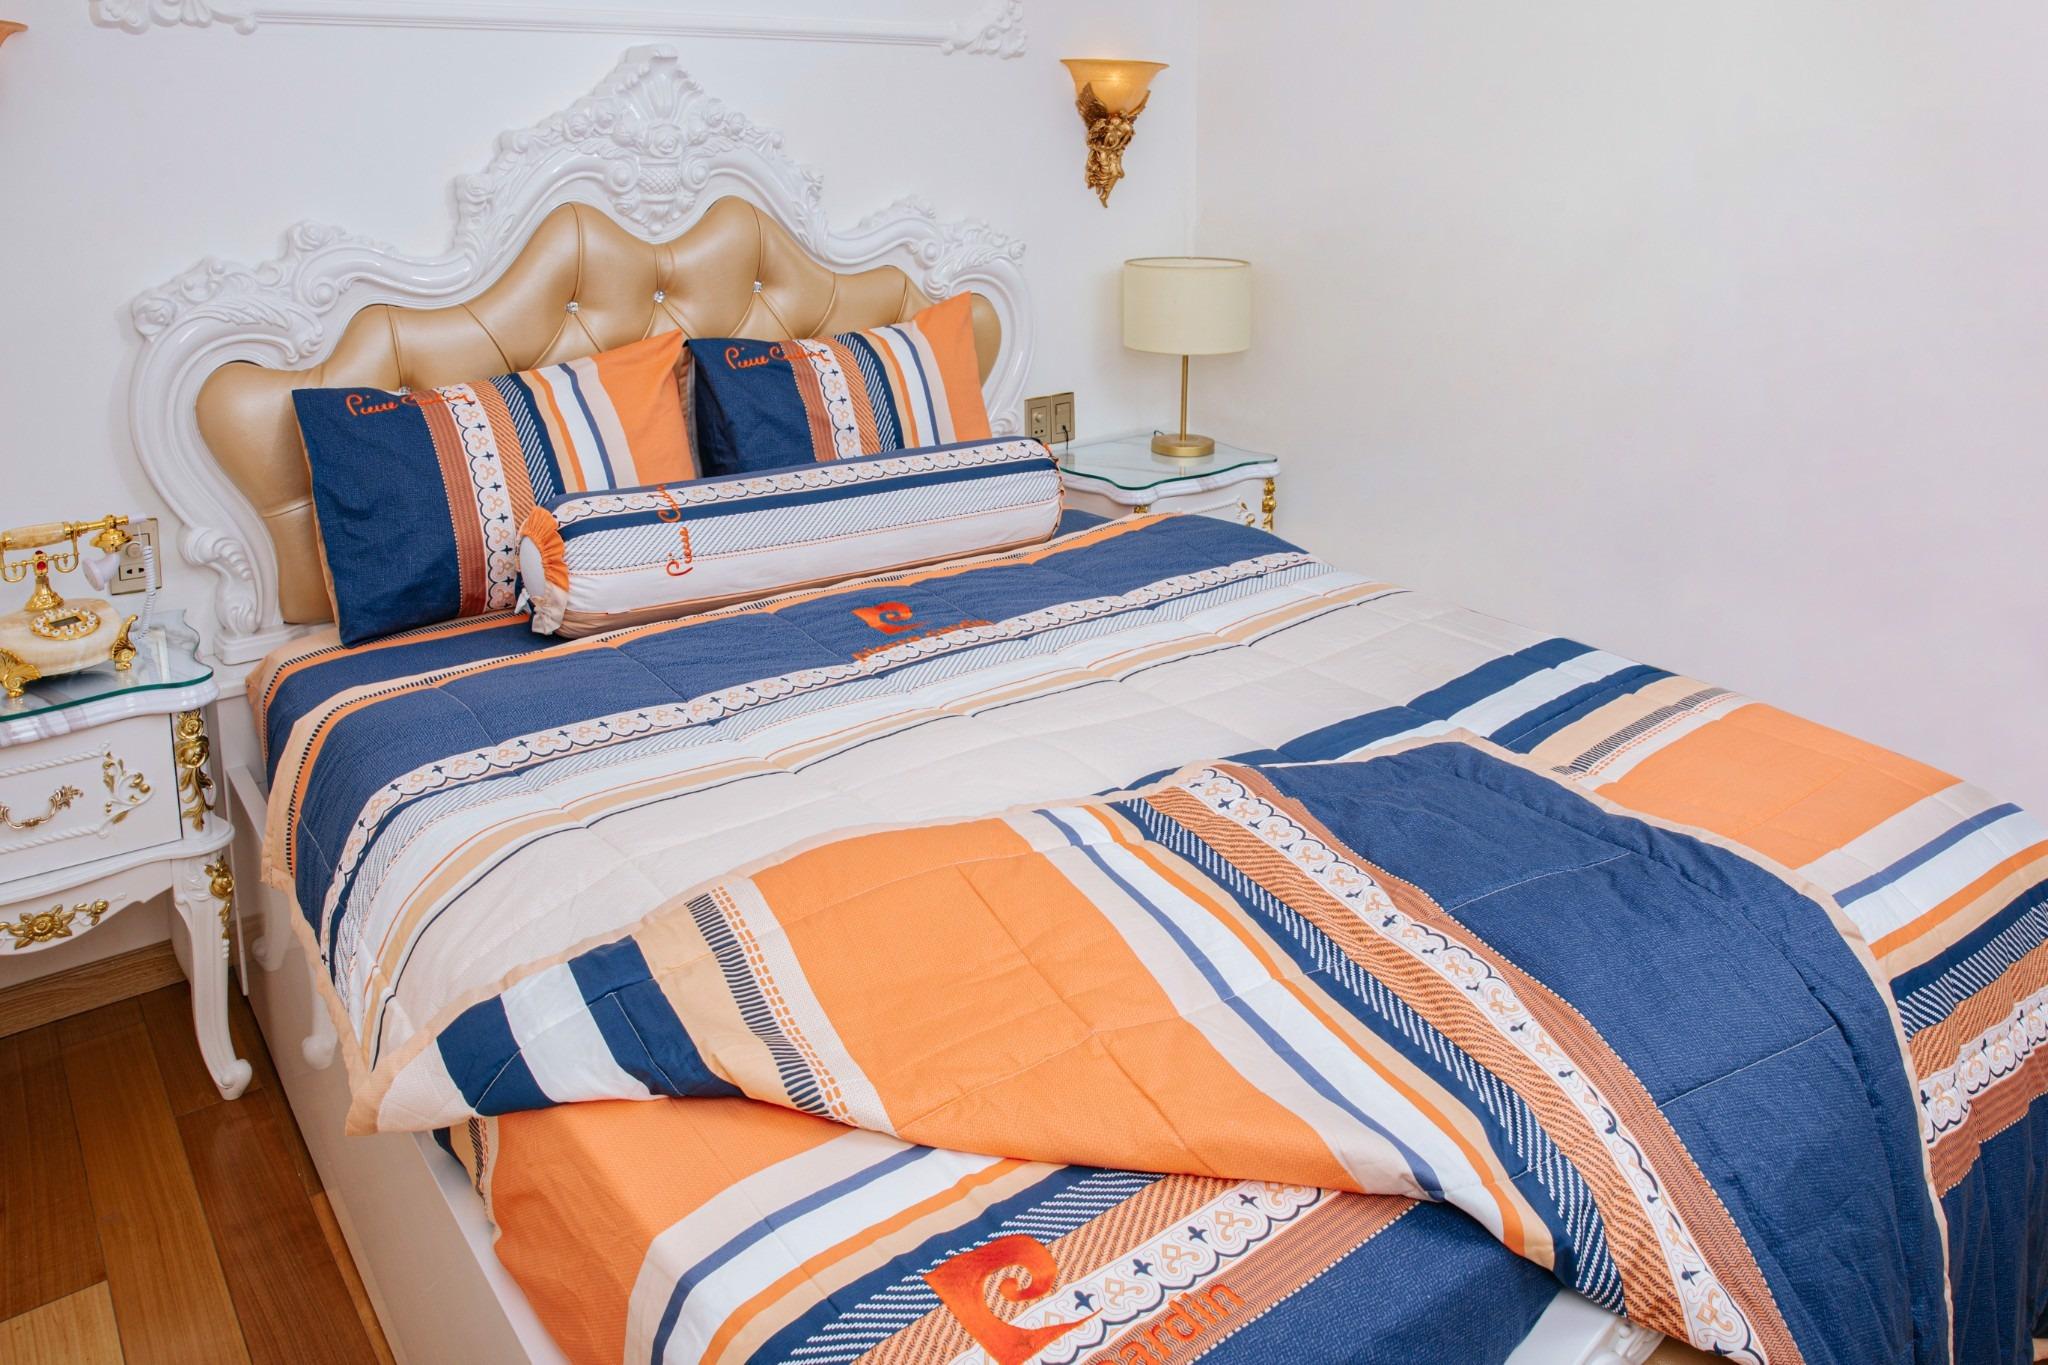 Bộ drap cotton Pierre Cardin P2 có cùng mức giá 1,17 triệu đồng. Họa tiết sọc phối màu cam, xanh, trắng trang nhã. Vải làm từ bột gỗ mang lại cảm giác mát lạnh khi chạm vào, thấm hút tốt, hợp sử dụng vào những ngày hè oi bức. Đường chỉ may đều, tỉ mỉ, tránh tình trạng bung, đứt chỉ trong quá trình sử dụng.